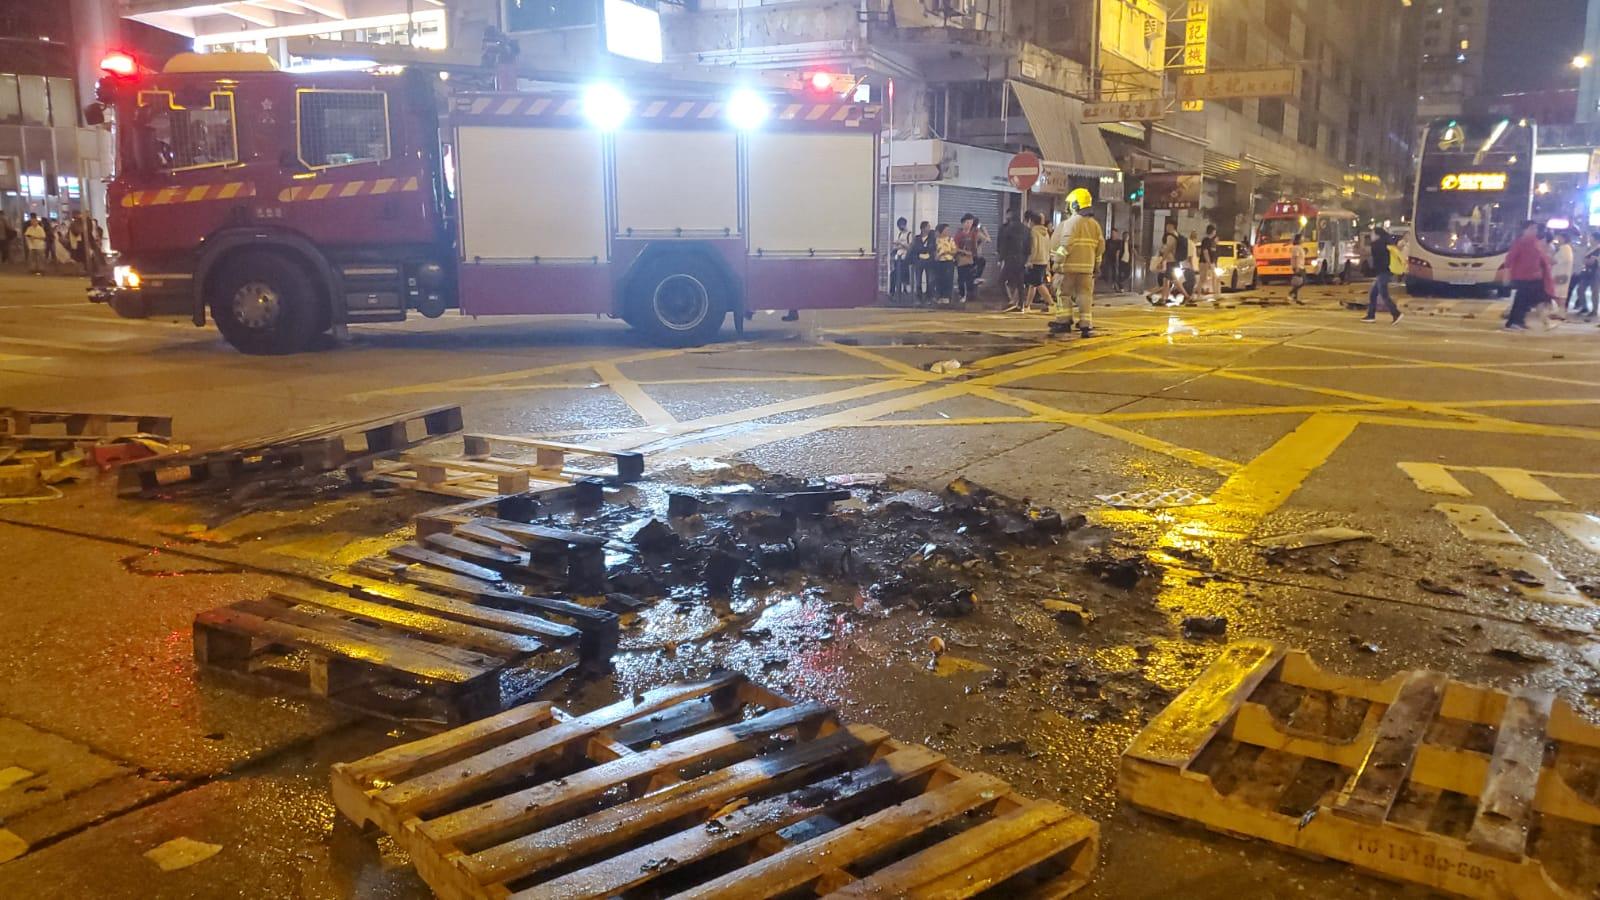 【修例風波】群眾旺角堵路毀港鐵站拆電話亭 警舉藍、黑旗